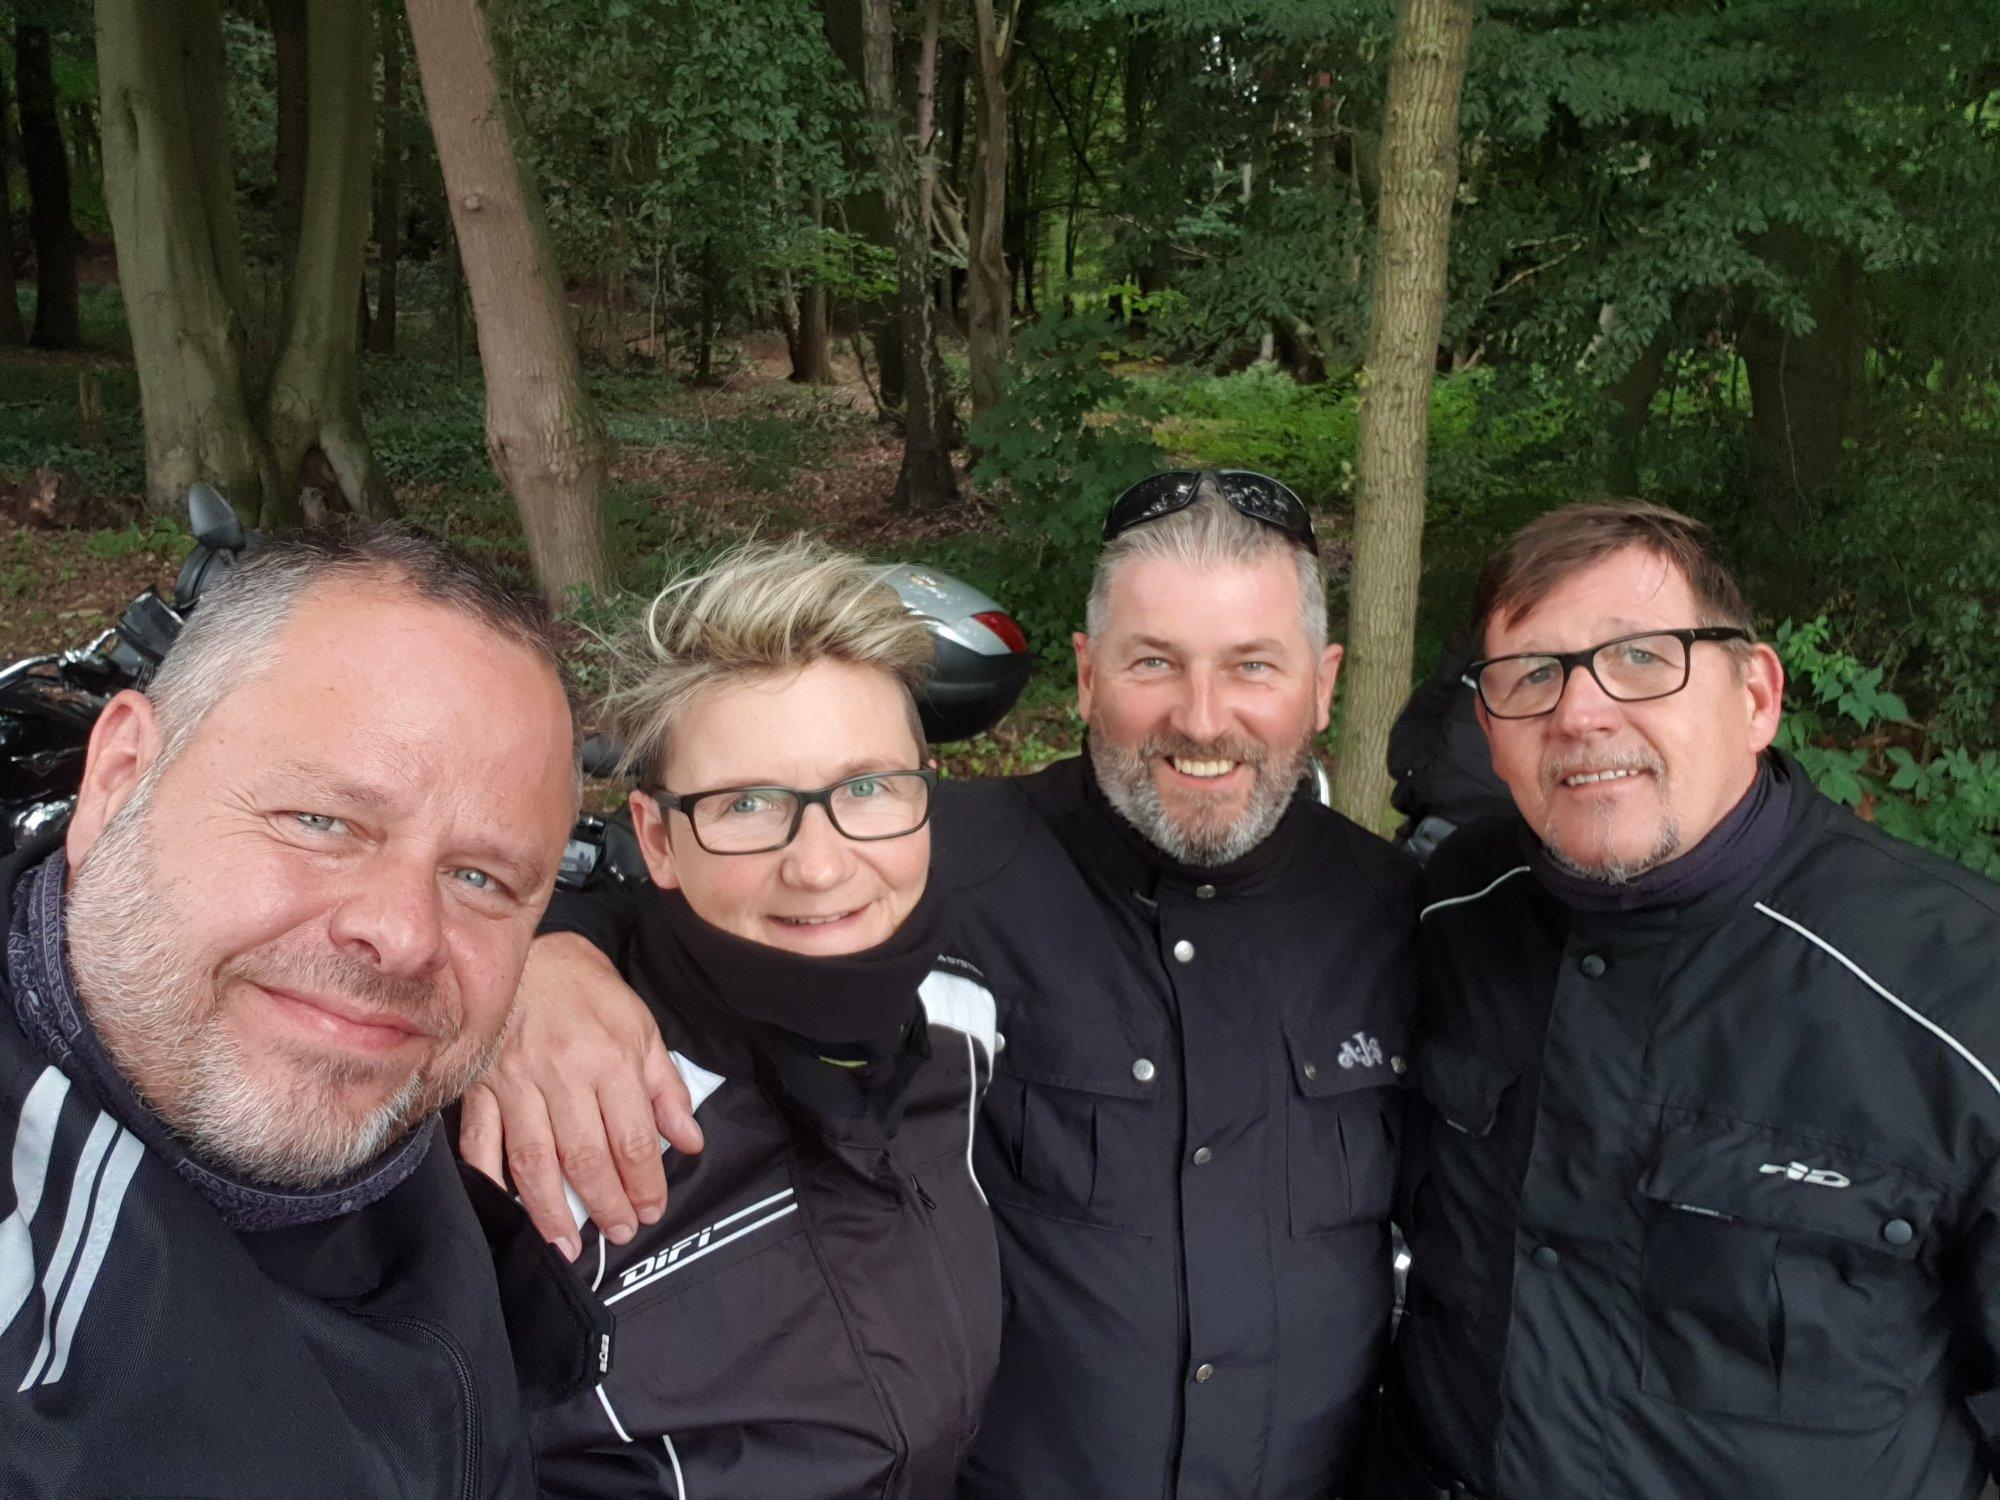 NRW on Tour ERT Erzgebirge Riesengebirge Tour 2019